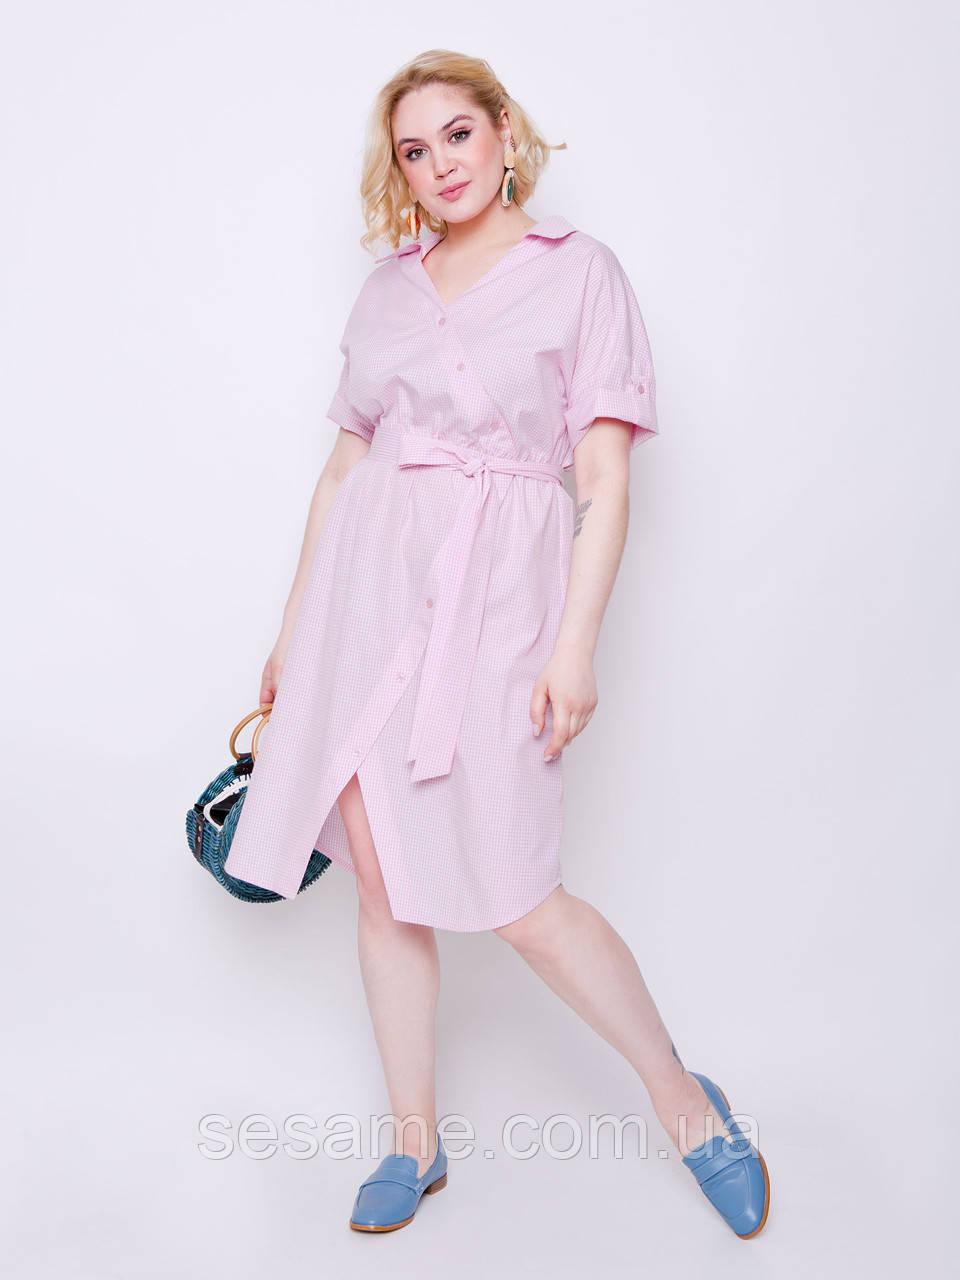 grand ua Ханна платье